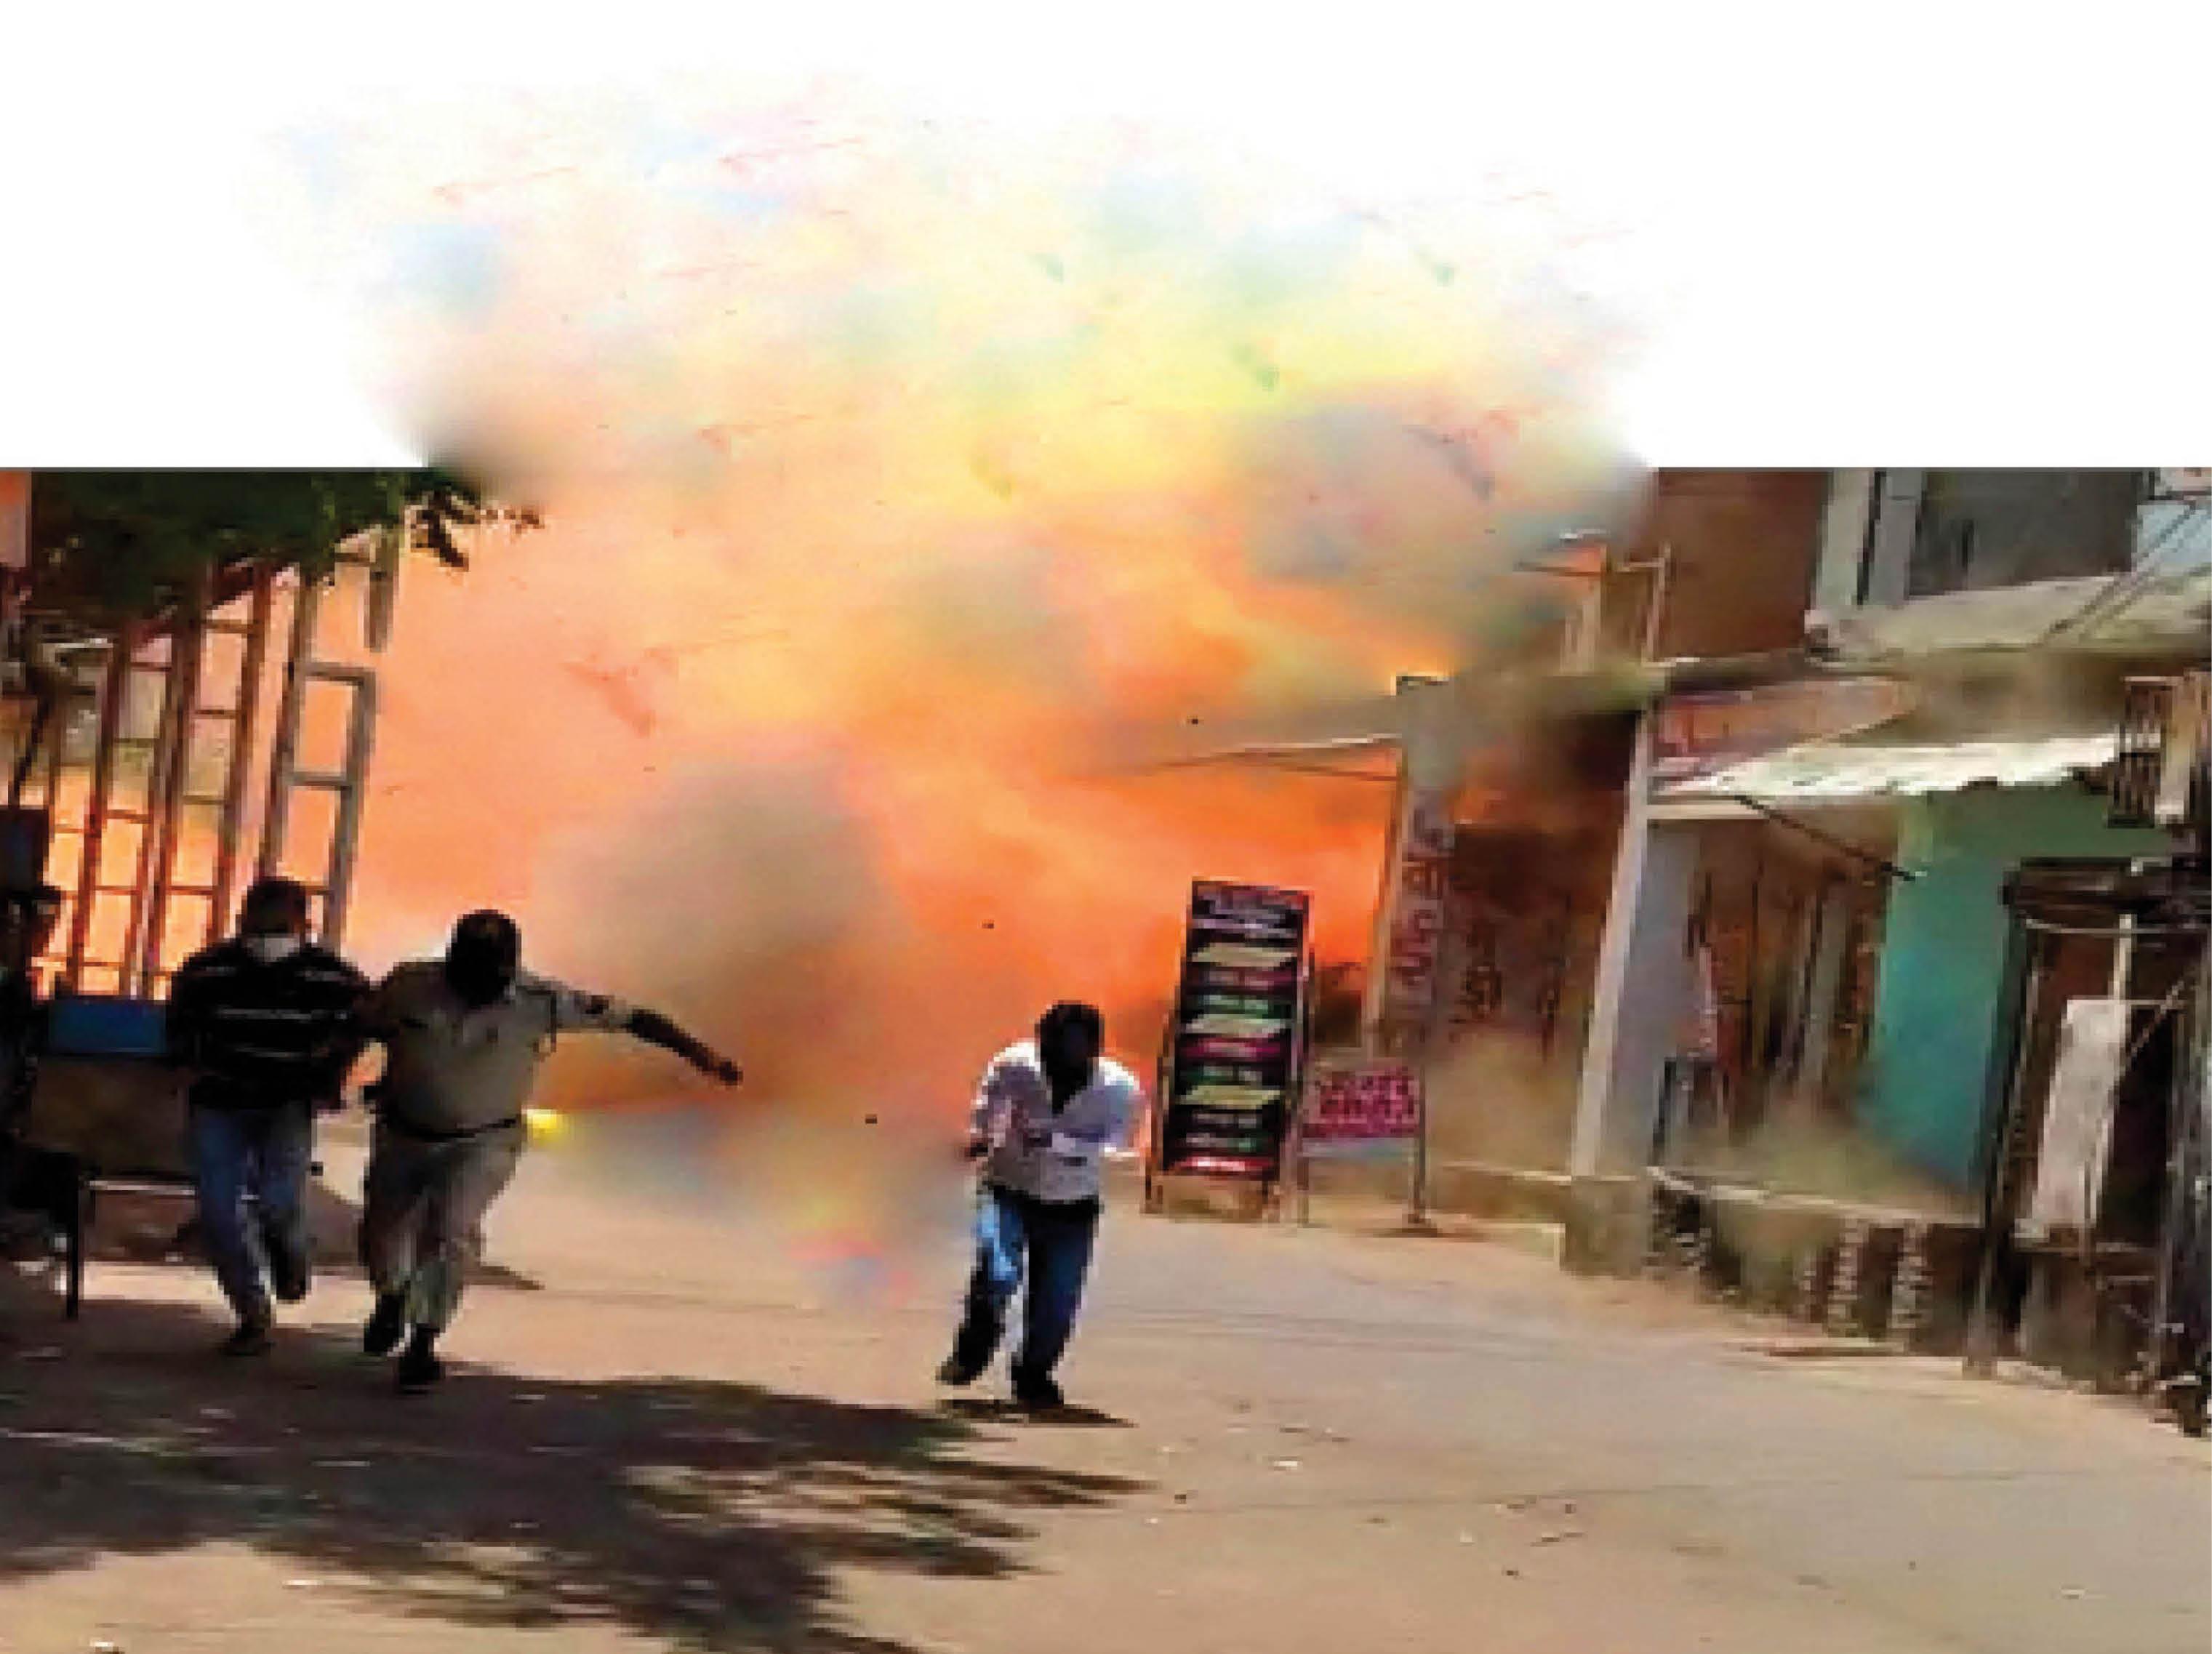 दांतों के निजी अस्पताल सहित दो दुकानें जलकर खाक, 50 लाख रुपए से अधिक का नुकसान - Dainik Bhaskar